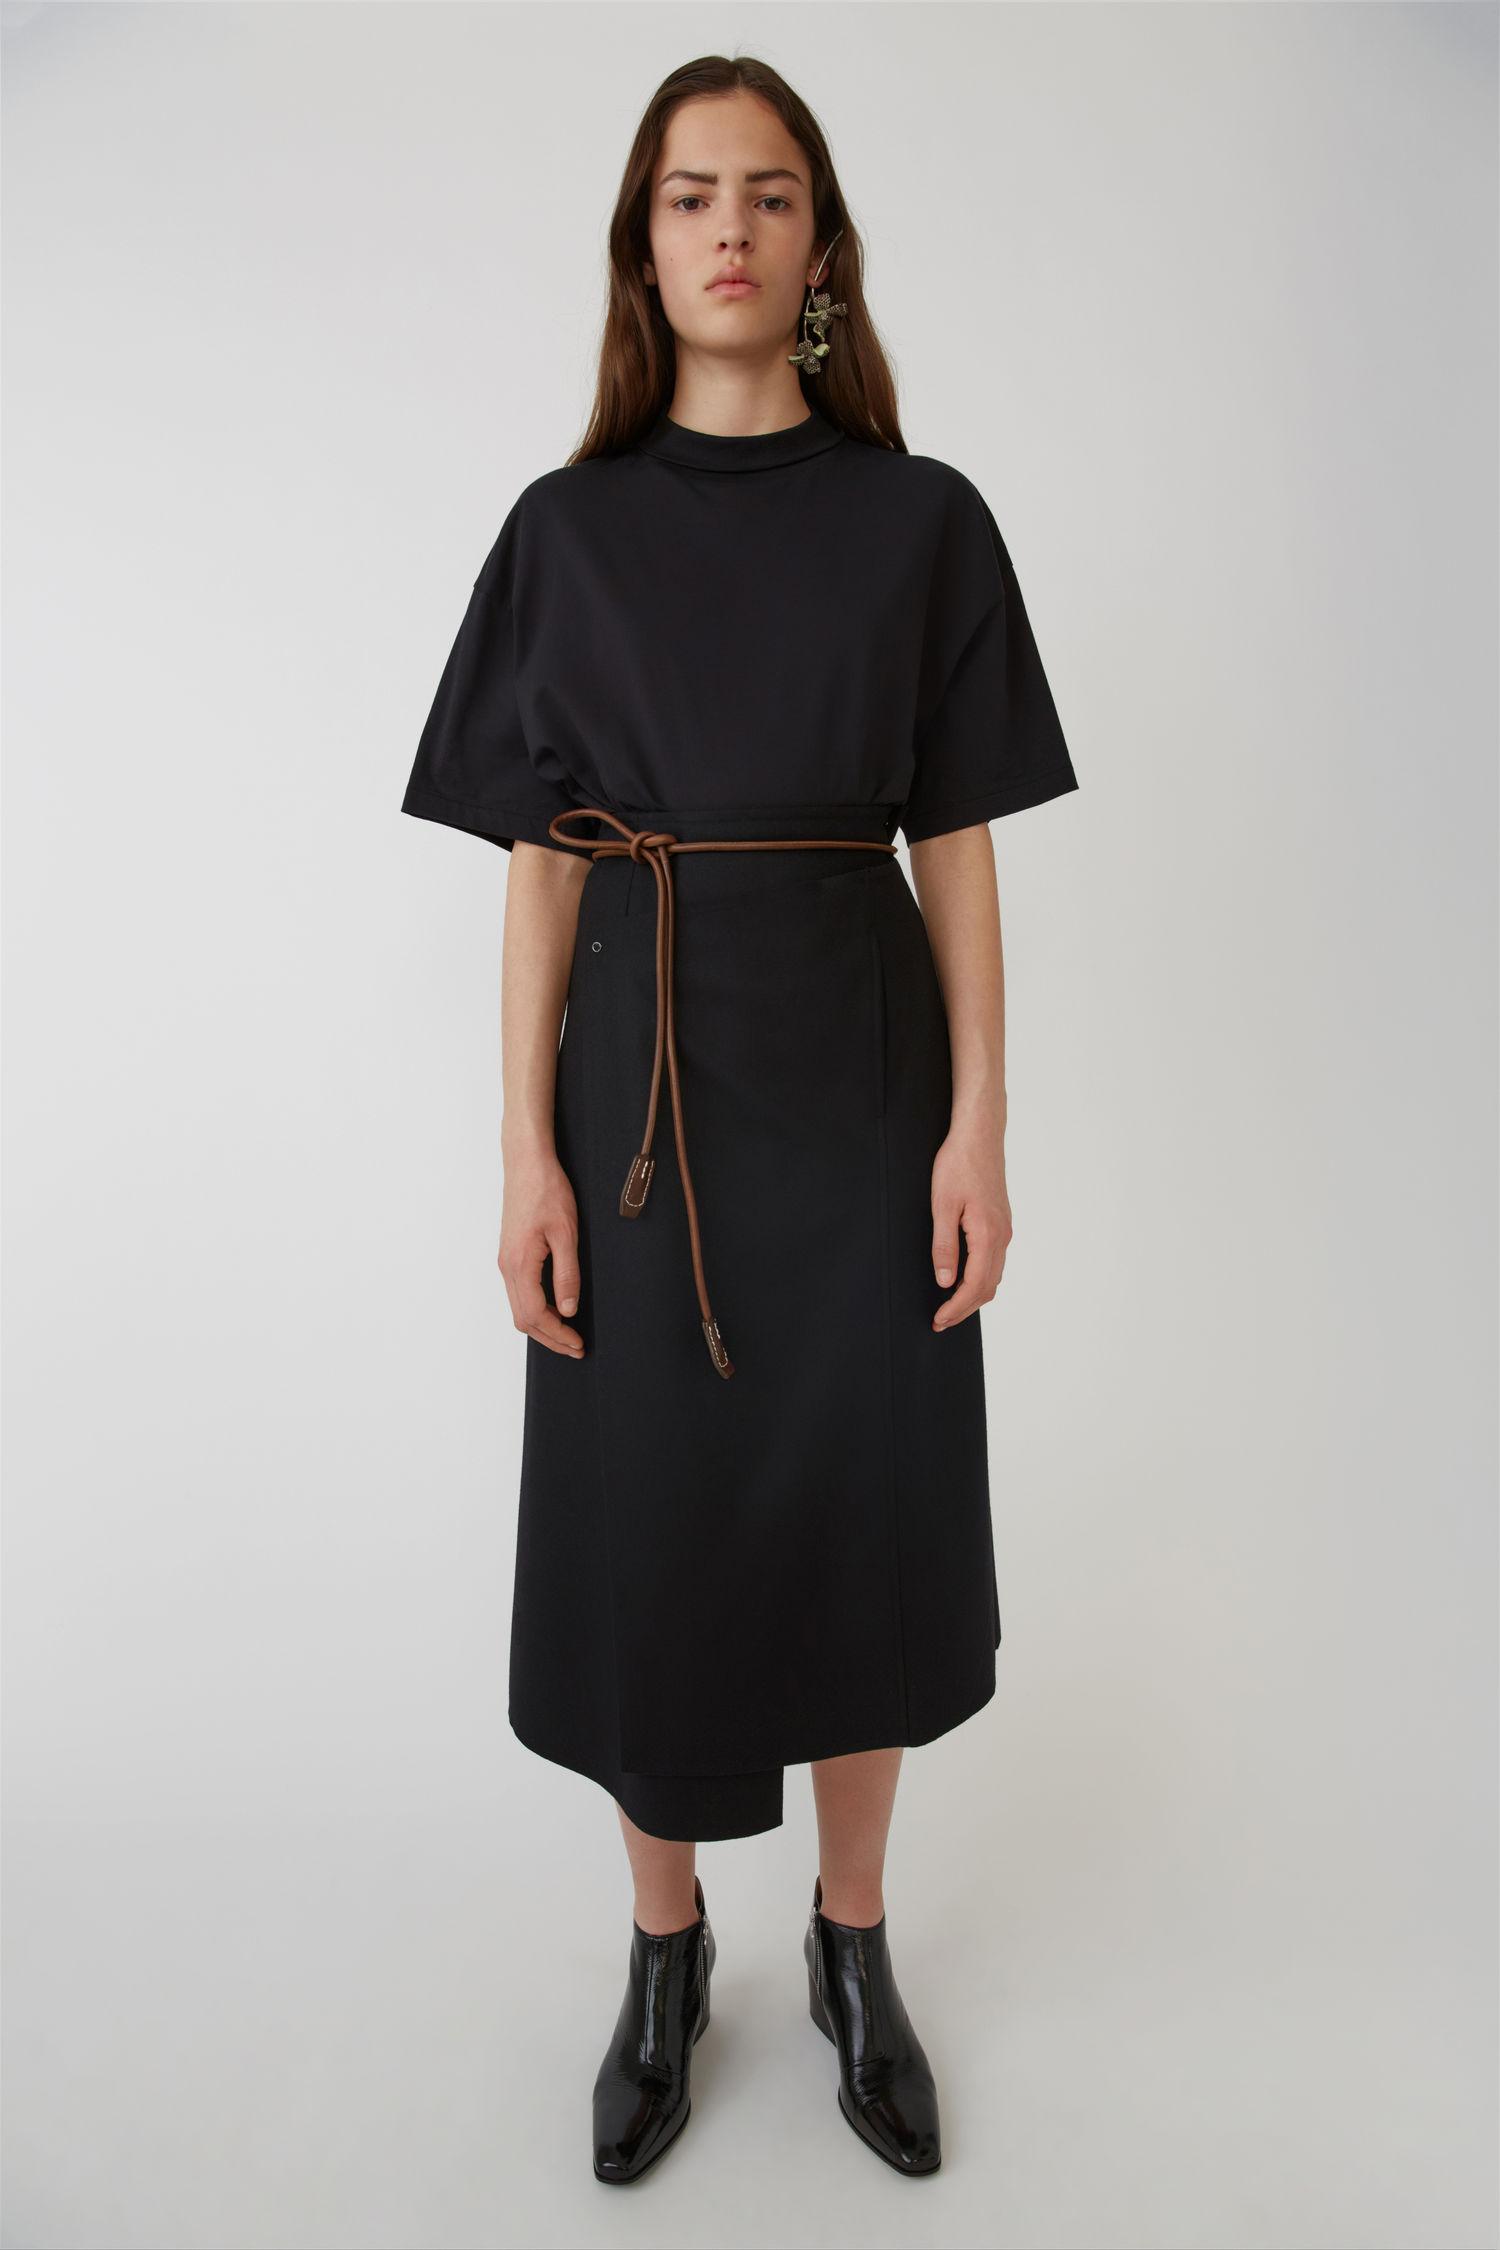 ACNE STUDIOS A-line wrap skirt black